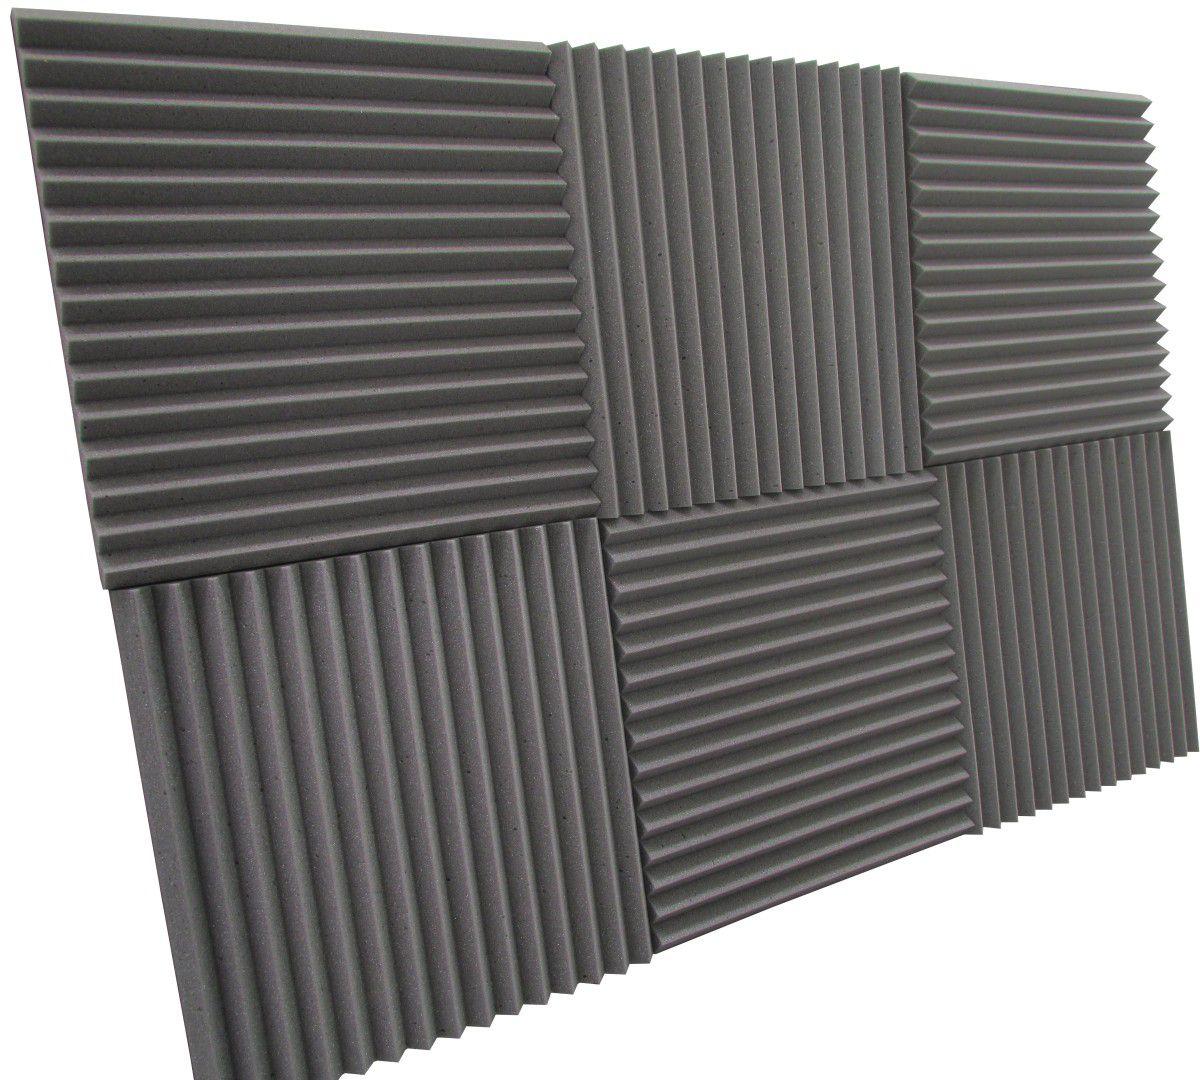 Espuma acústica Linha REV - W2 - Kit 4 peças - (1m²)  - Loja SPL Acústica